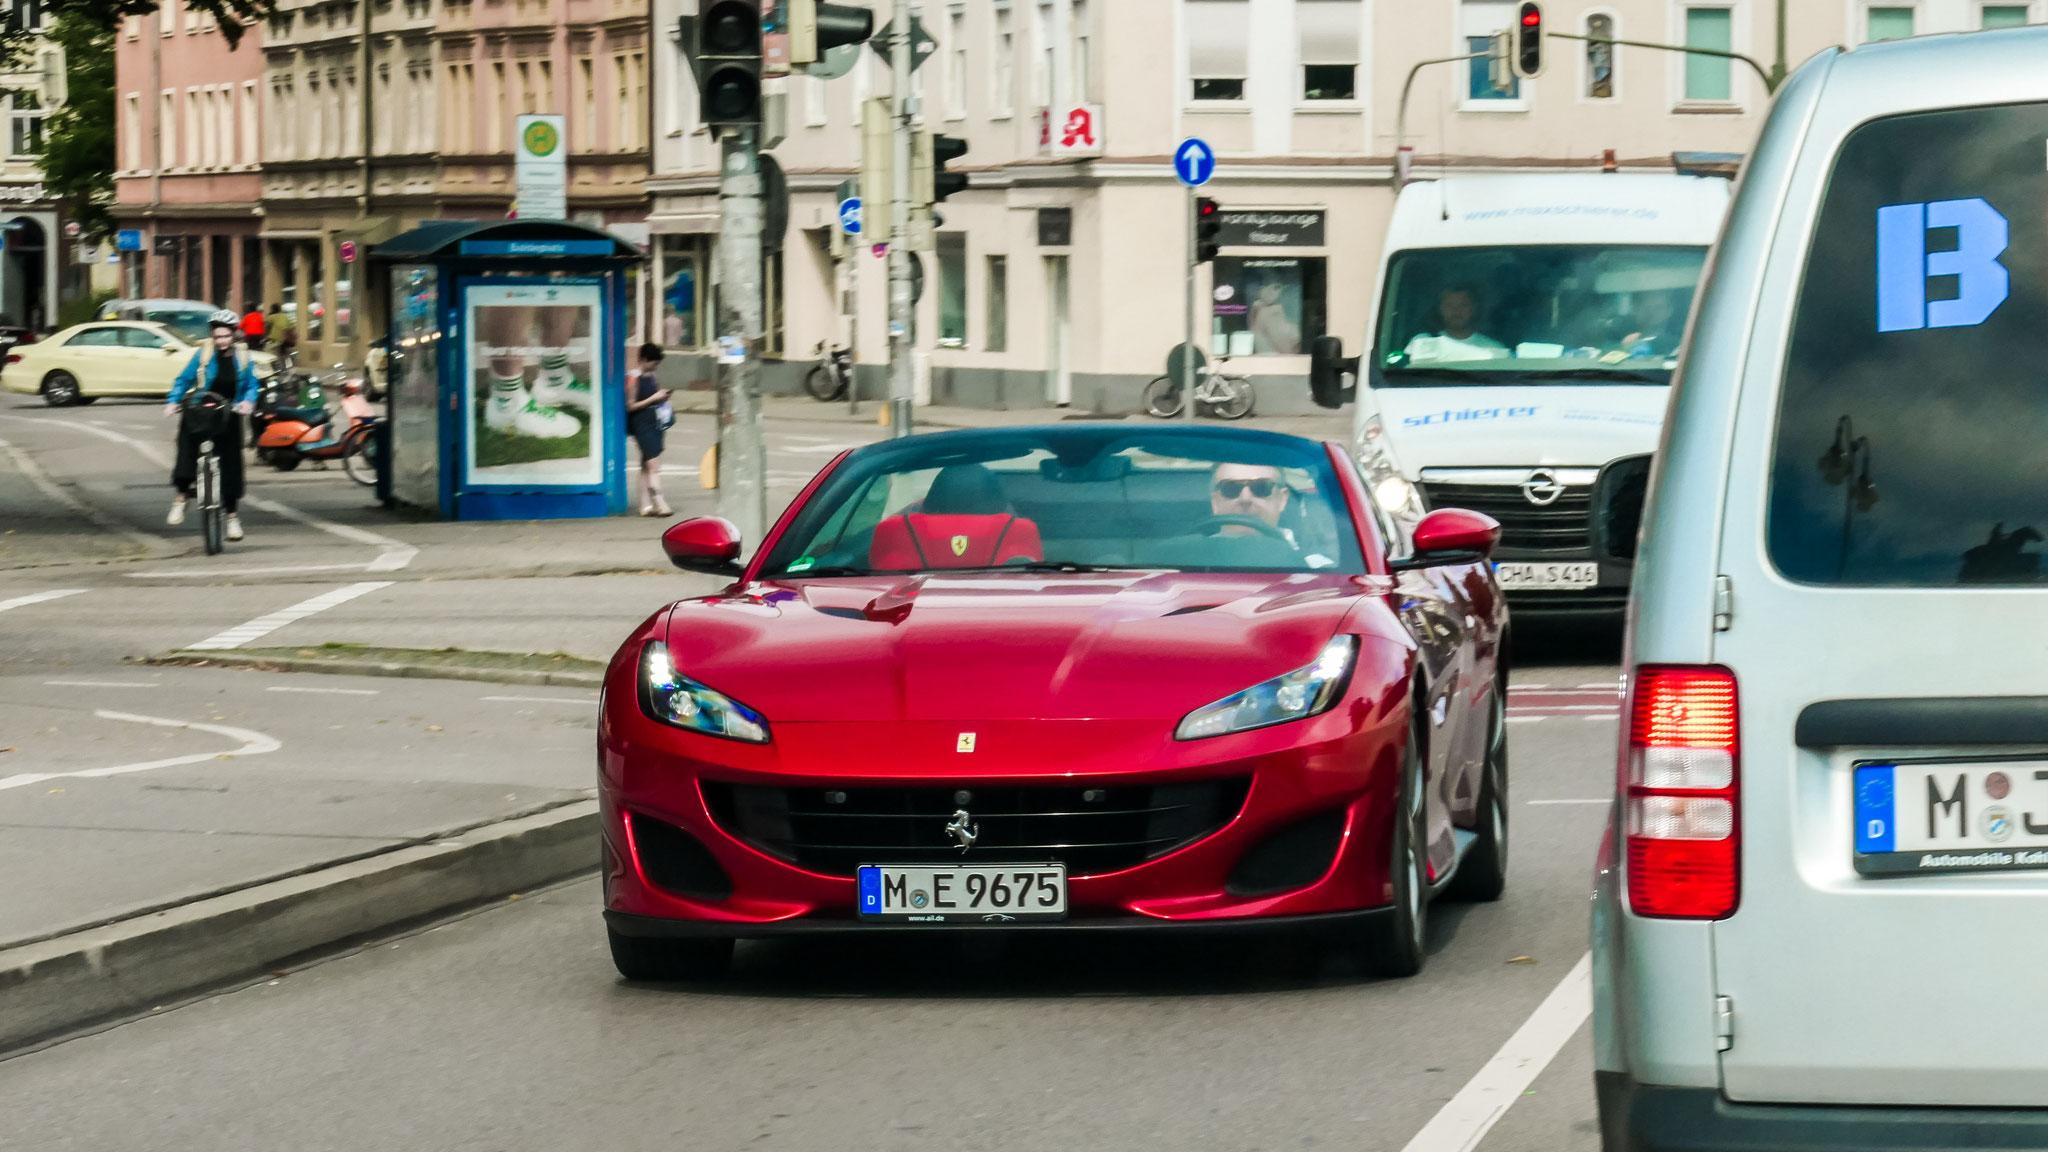 Ferrari Portofino - M-E-9675